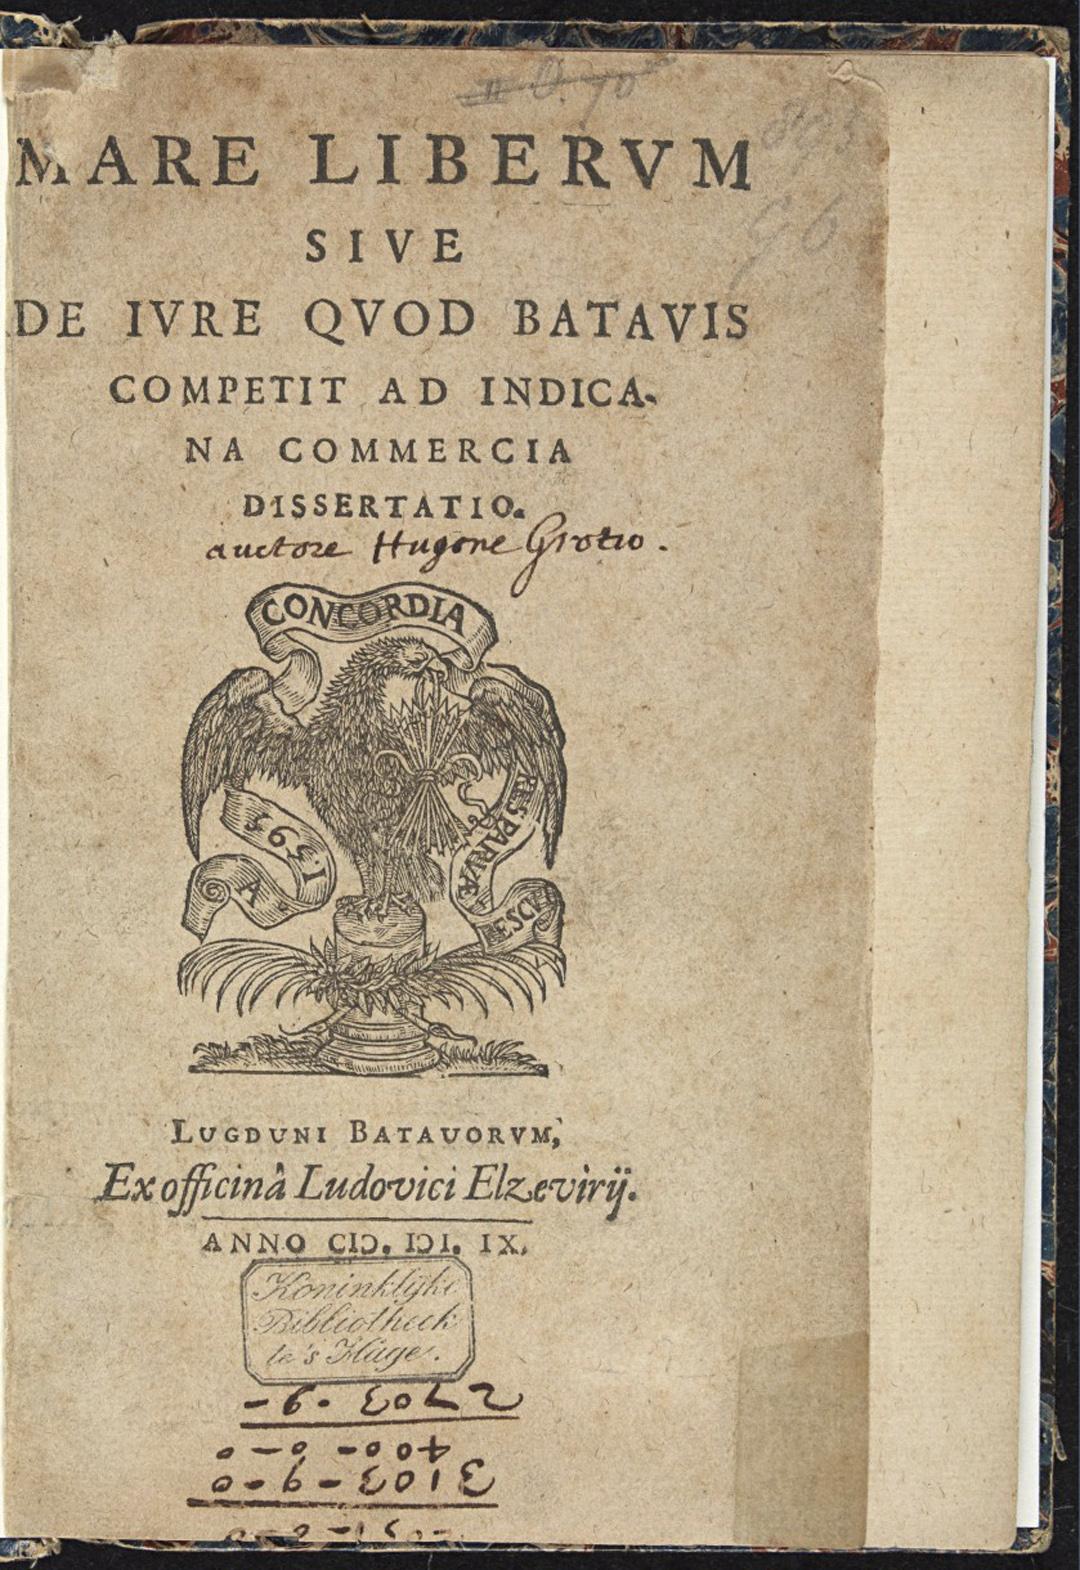 Voorpagina van het boek Mare Liberum van Hugo de Groot (1609). Bron: Koninklijke Bibliotheek van Nederland (https://www.kb.nl/)